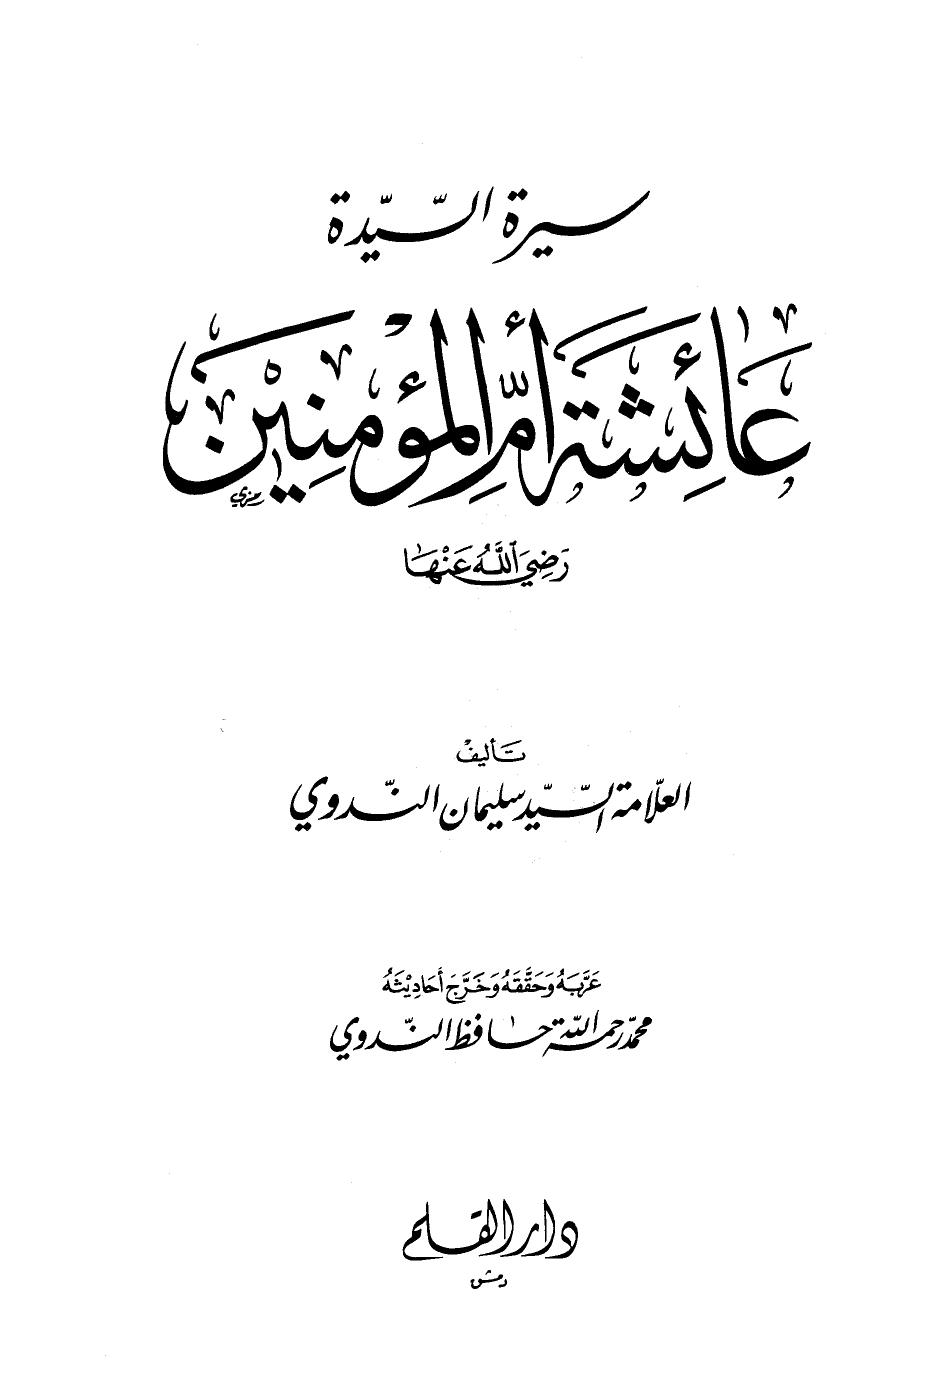 تحميل كتاب سيرة السيدة عائشة أم المؤمنين رضي الله عنها Pdf سليمان الندوي Books